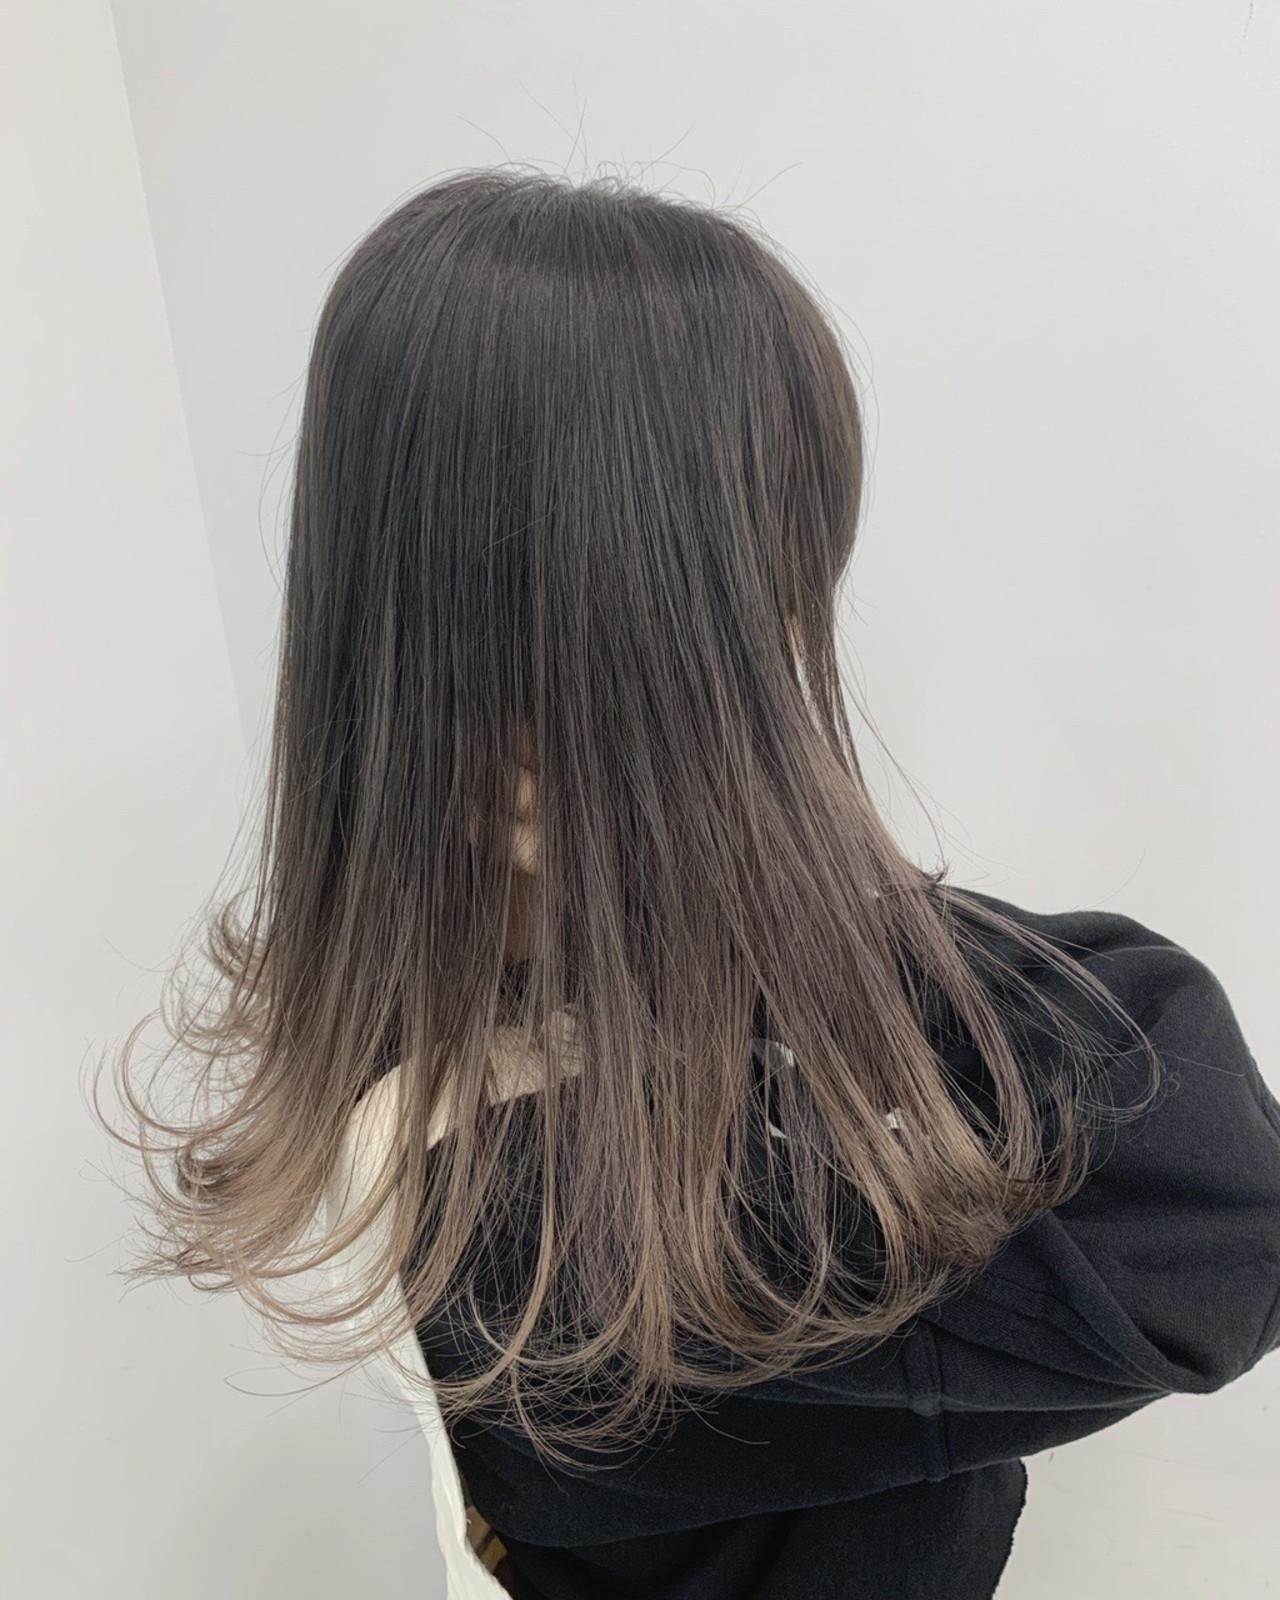 アッシュグレージュ ナチュラル ロング モテ髪 ヘアスタイルや髪型の写真・画像 | ALIVE【阿部 圭悟】 / ALIVE